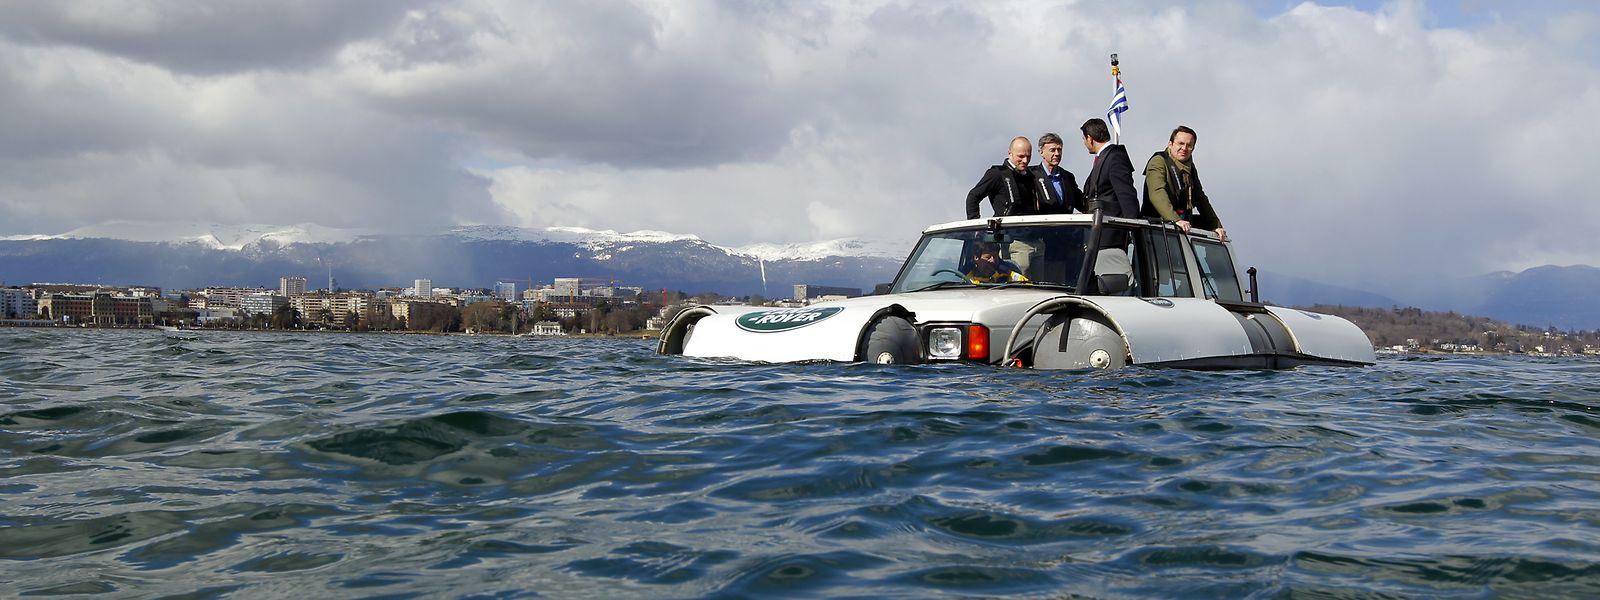 Eine Seefahrt, die ist lustig: Ein umgebauter Discovery schwimmt im Genfer See.